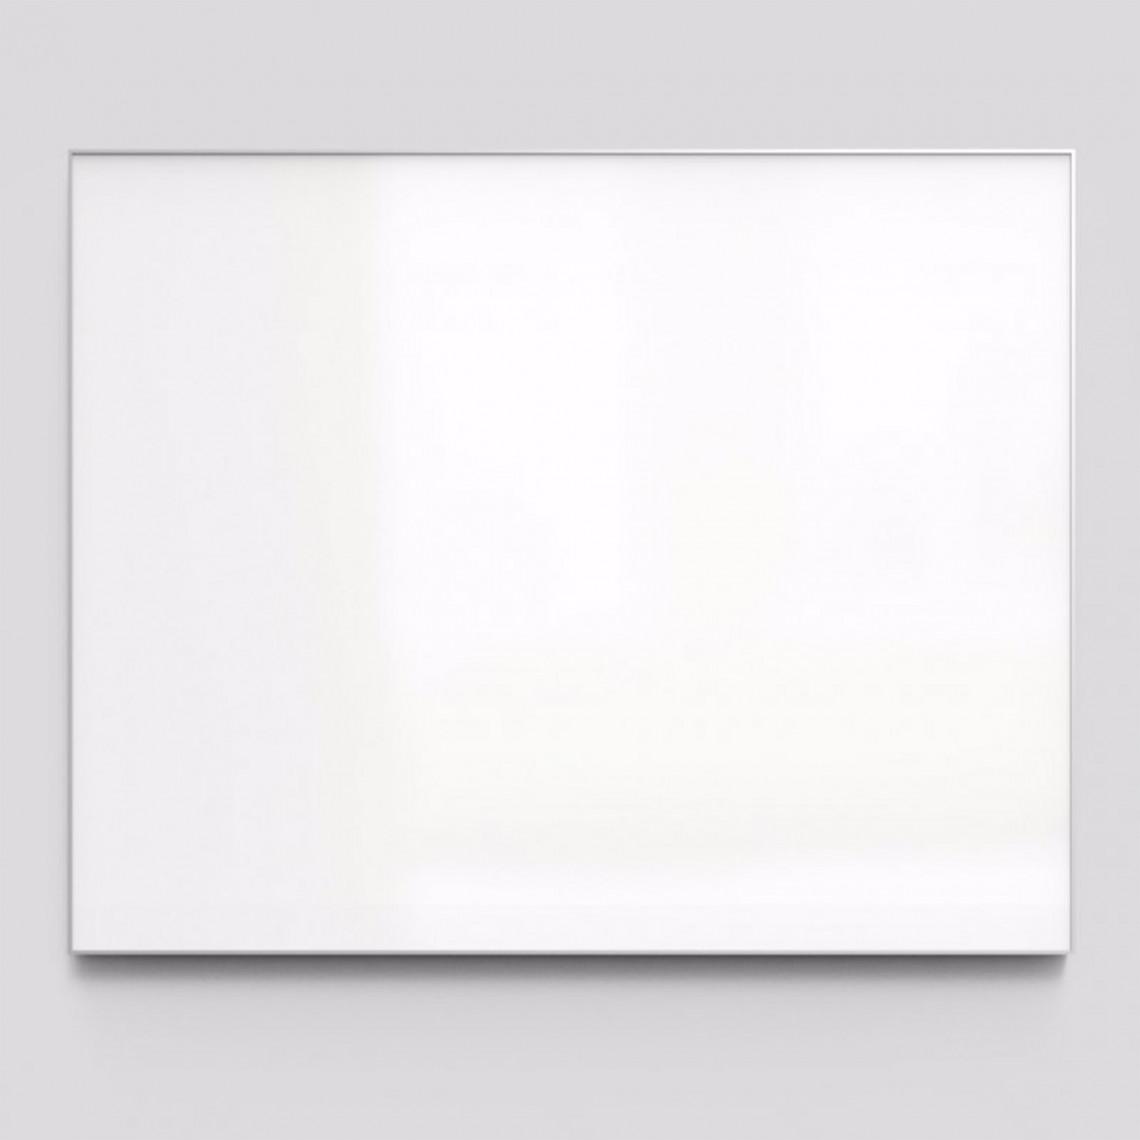 Acoustic Board, ljudabsorberande whiteboard